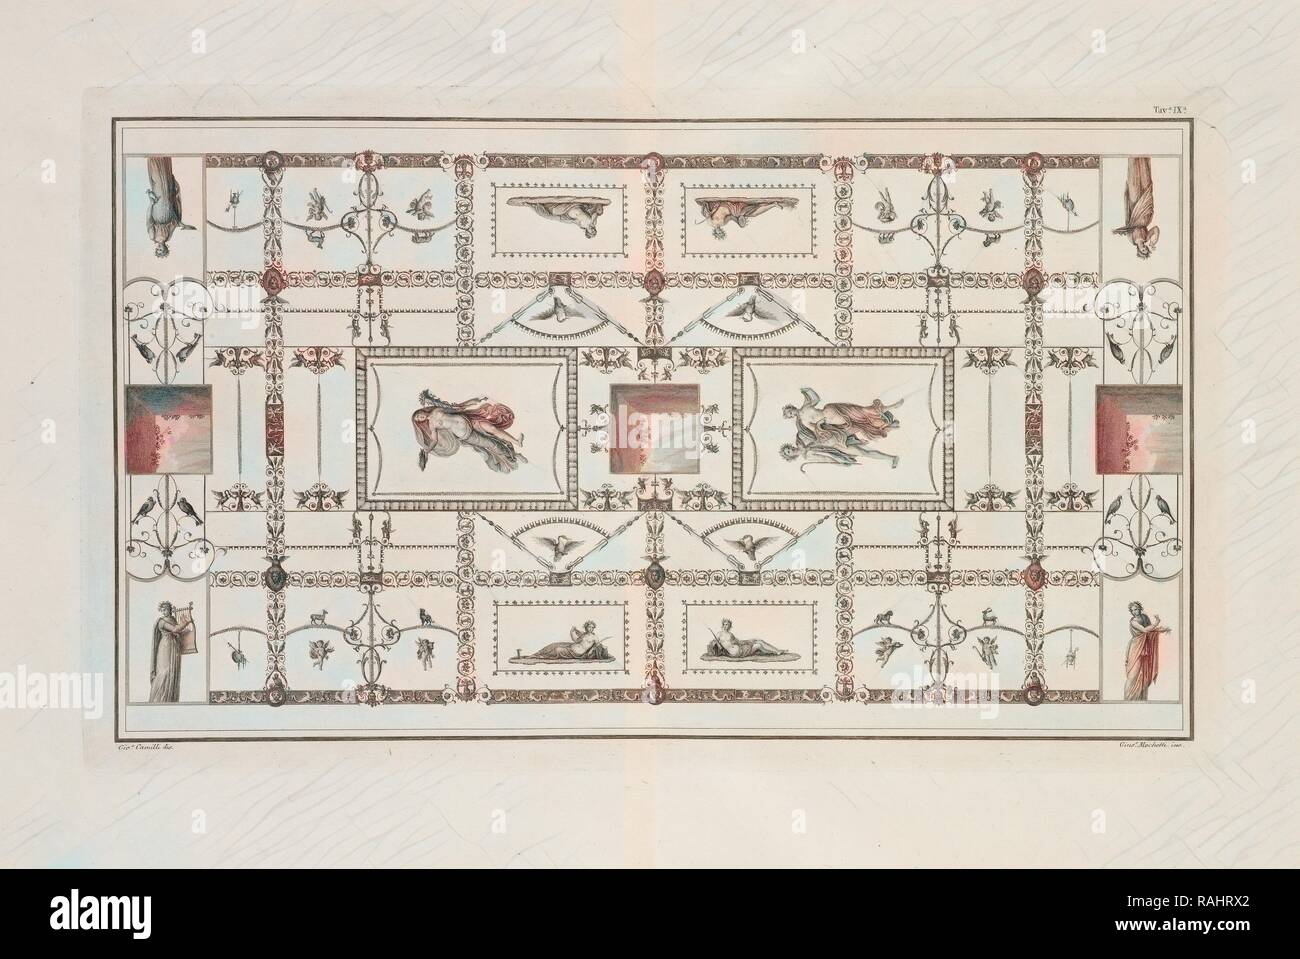 Tavola IX, Le antiche chambres esqviline comvnemente sådanne, delle Terme di Tito, Romanis, Antonio de, gravure, 1822 repensé Photo Stock